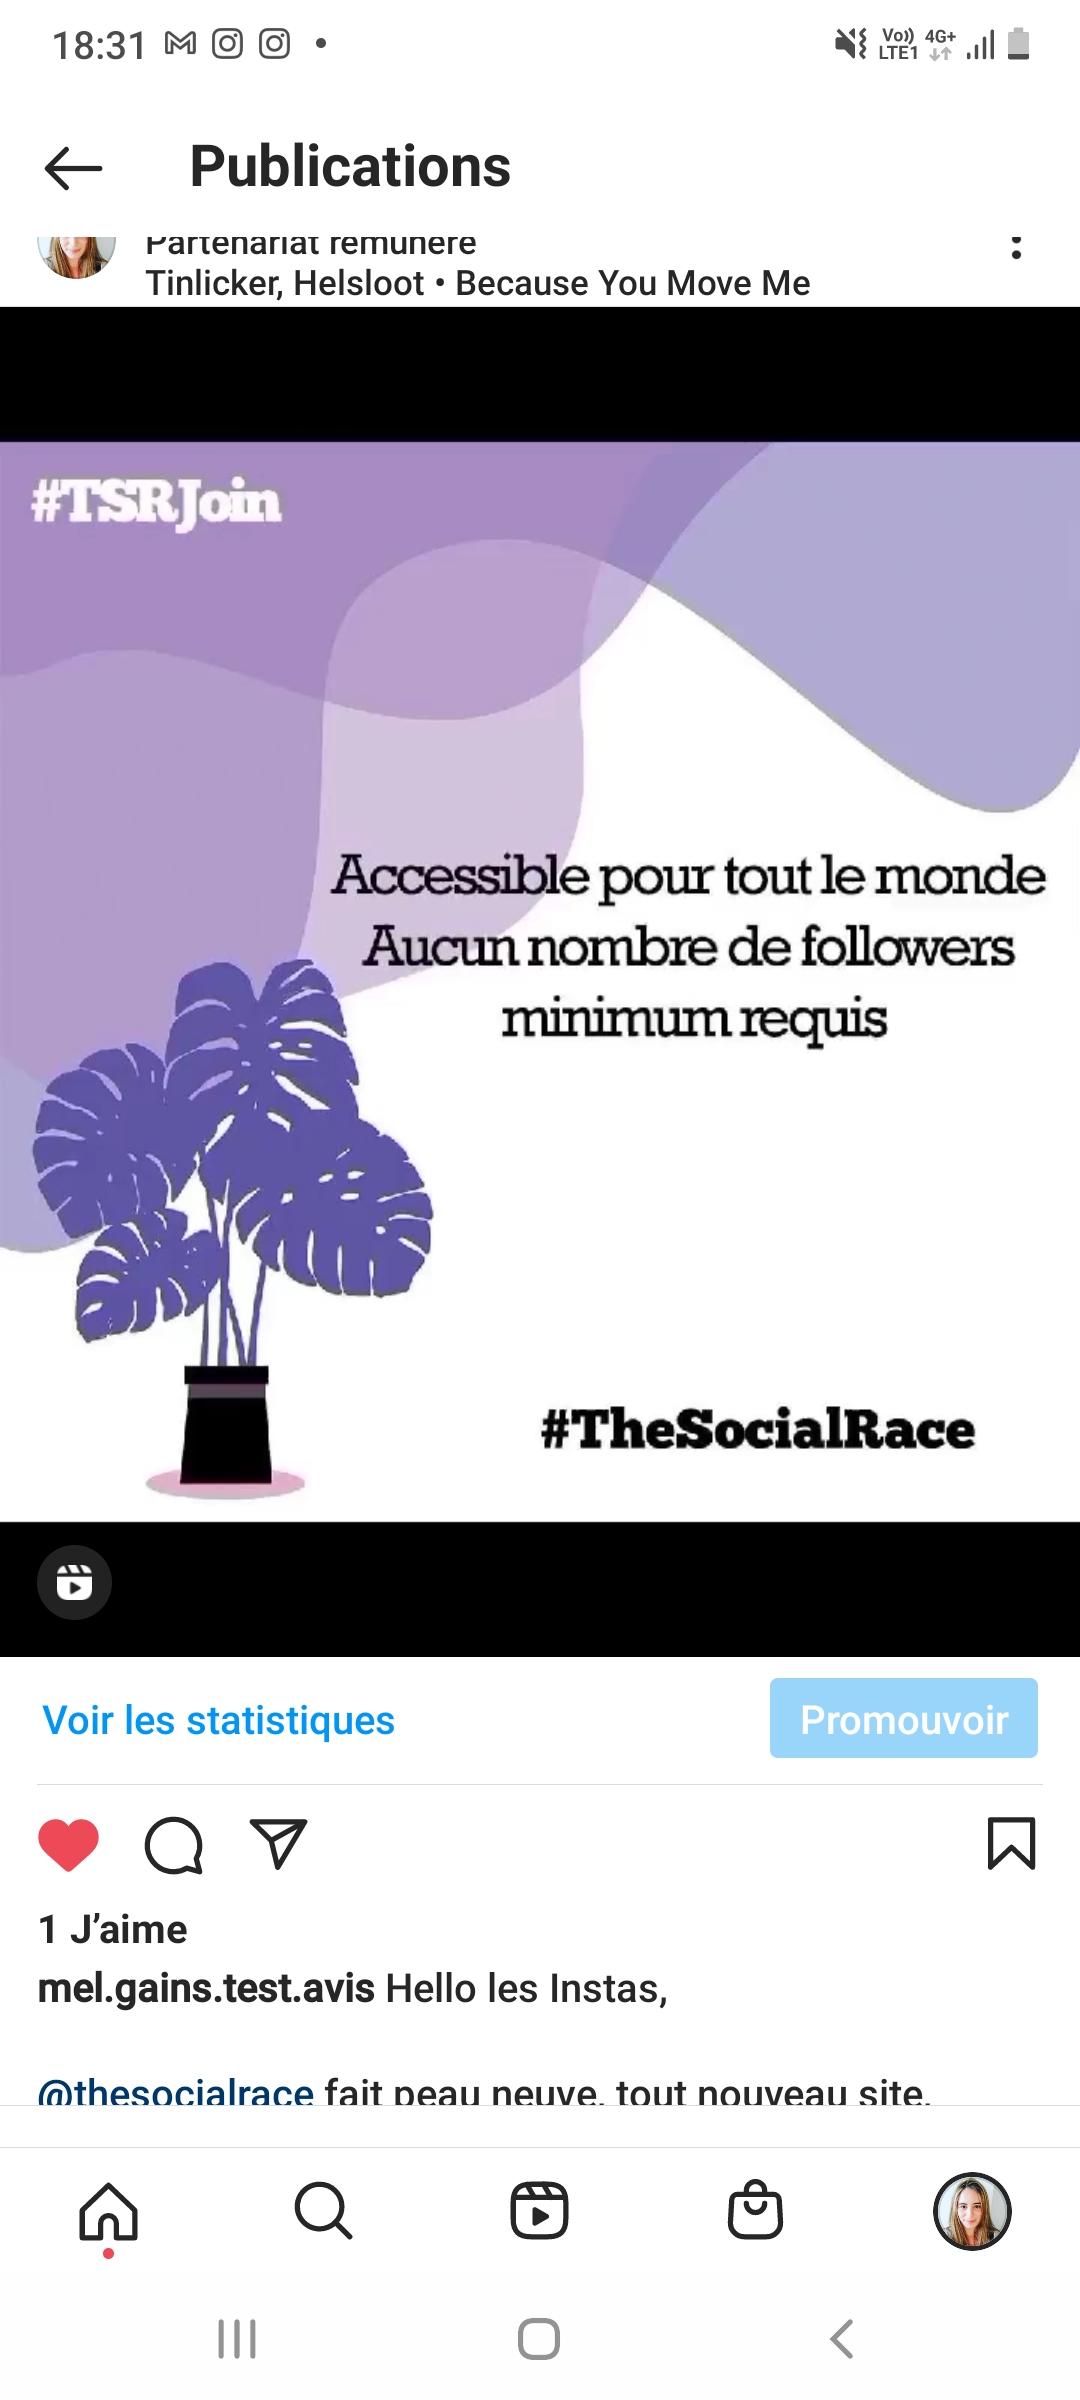 Promotion de la plateforme  #TheSocialRace